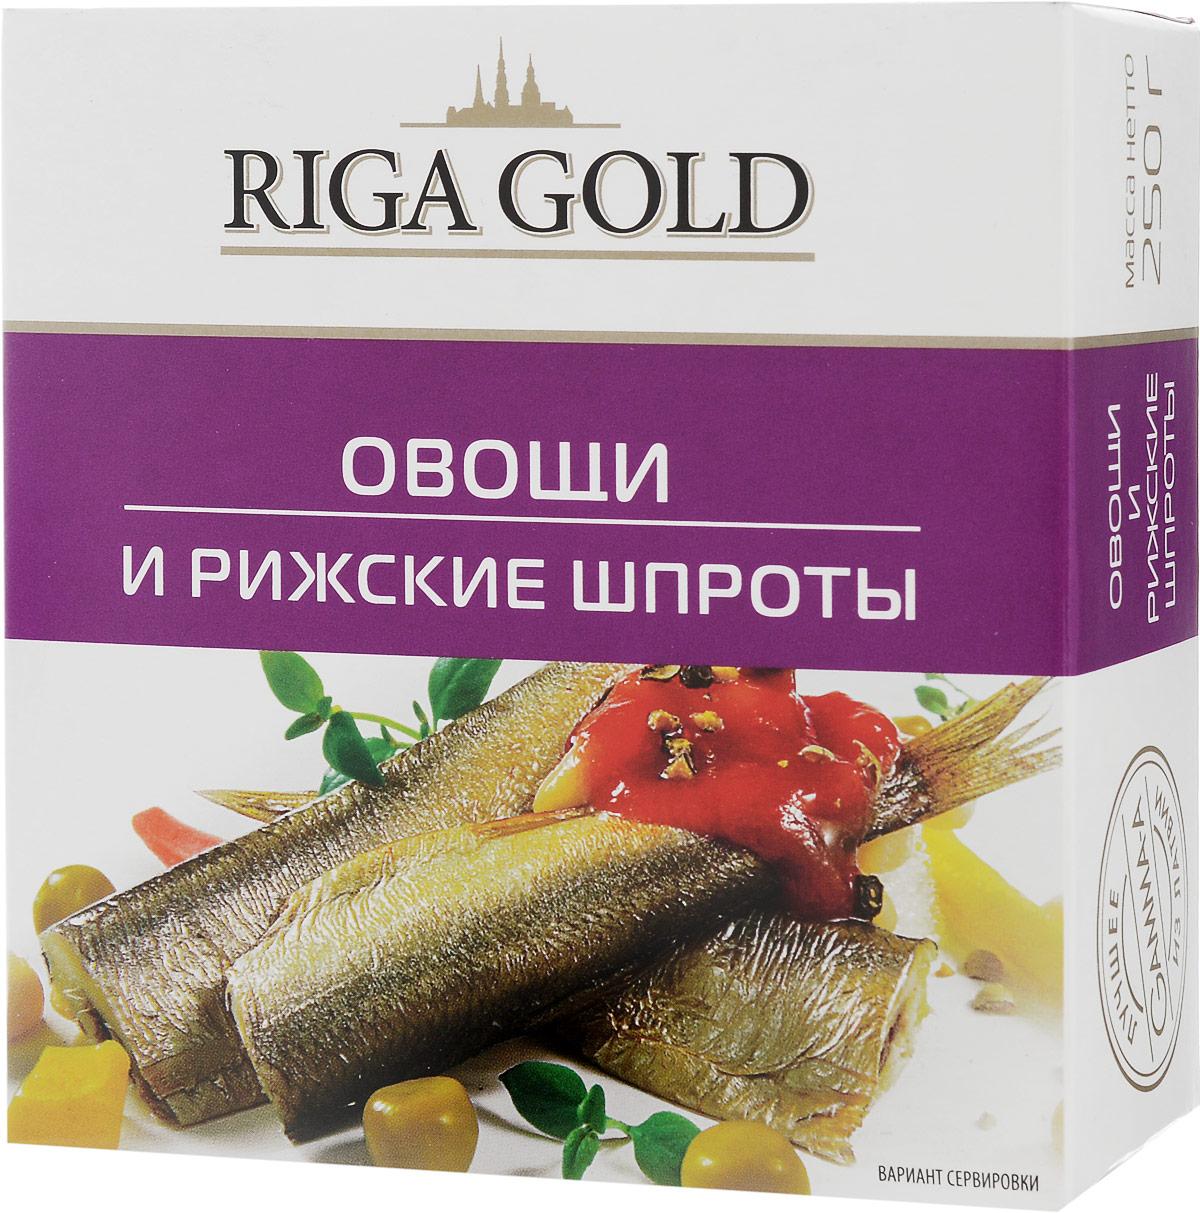 Рижское золото овощи и рижские шпроты, 250 г6178Главная специализация предприятия Рижское золото - изготовление высококачественных рыбных консервов. Секрет производства высококачественной продукции прост - в основном работа идет со свежевыловленной рыбой, рыба нанизывается на вертела вручную, коптится на ольховой стружке, укладывается в банки вручную.Собственное производство жестяной упаковки для консервов добавляет стабильности качеству и дает дополнительную гарантию высоких стандартов производимой продукции.